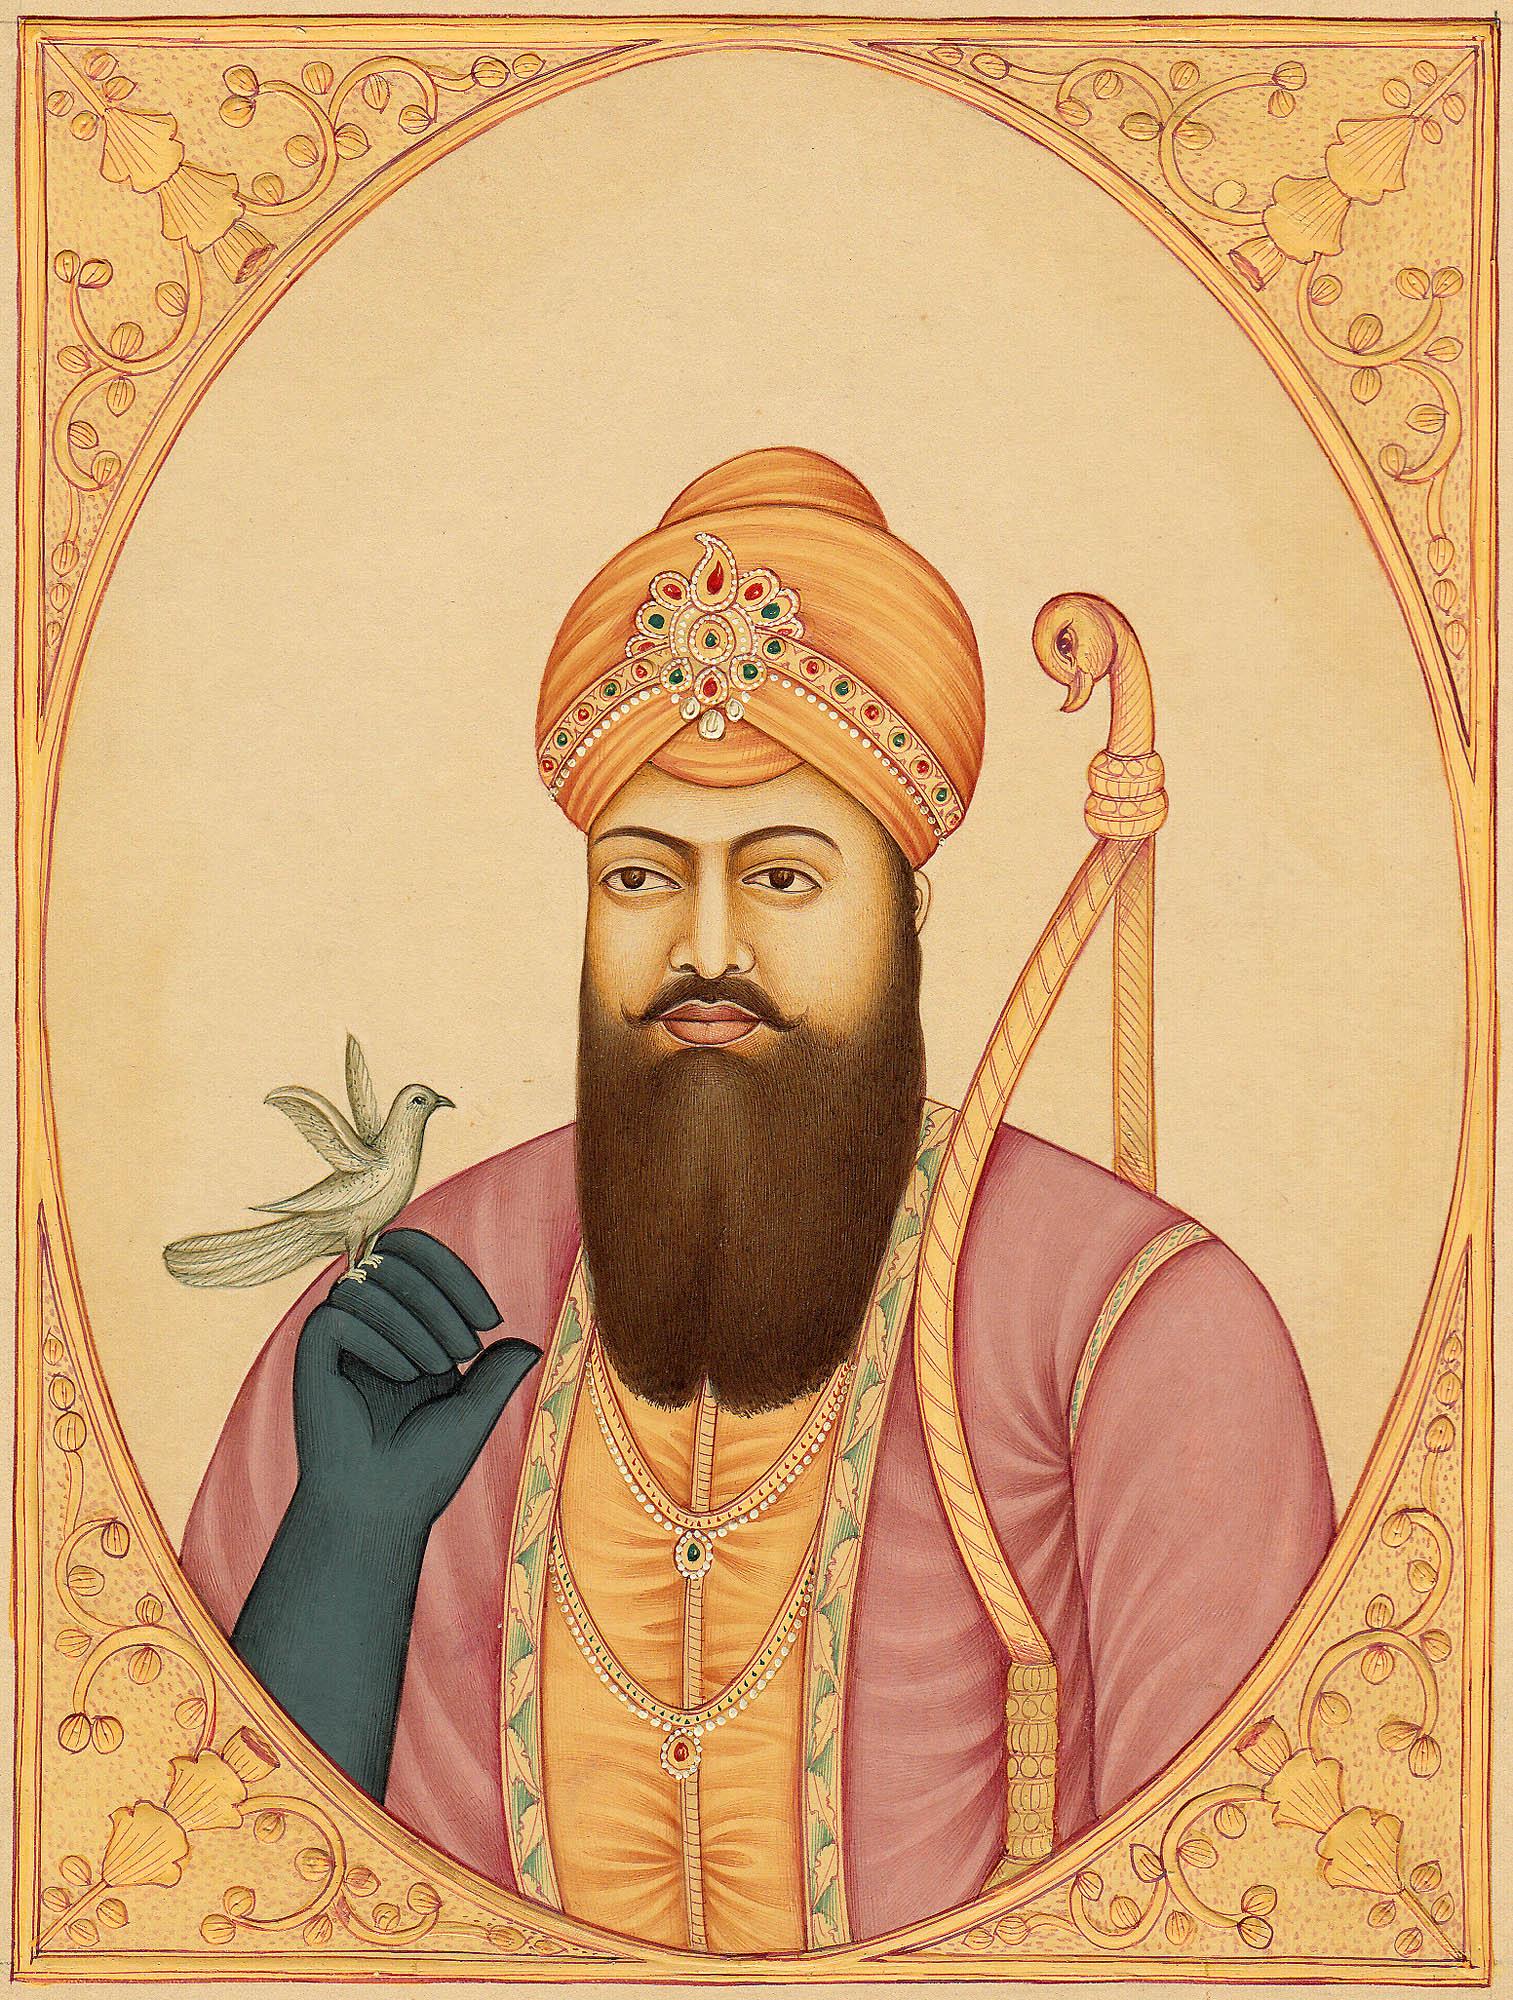 sri guru hargobind sahib ji th sikh guru discover sikhism